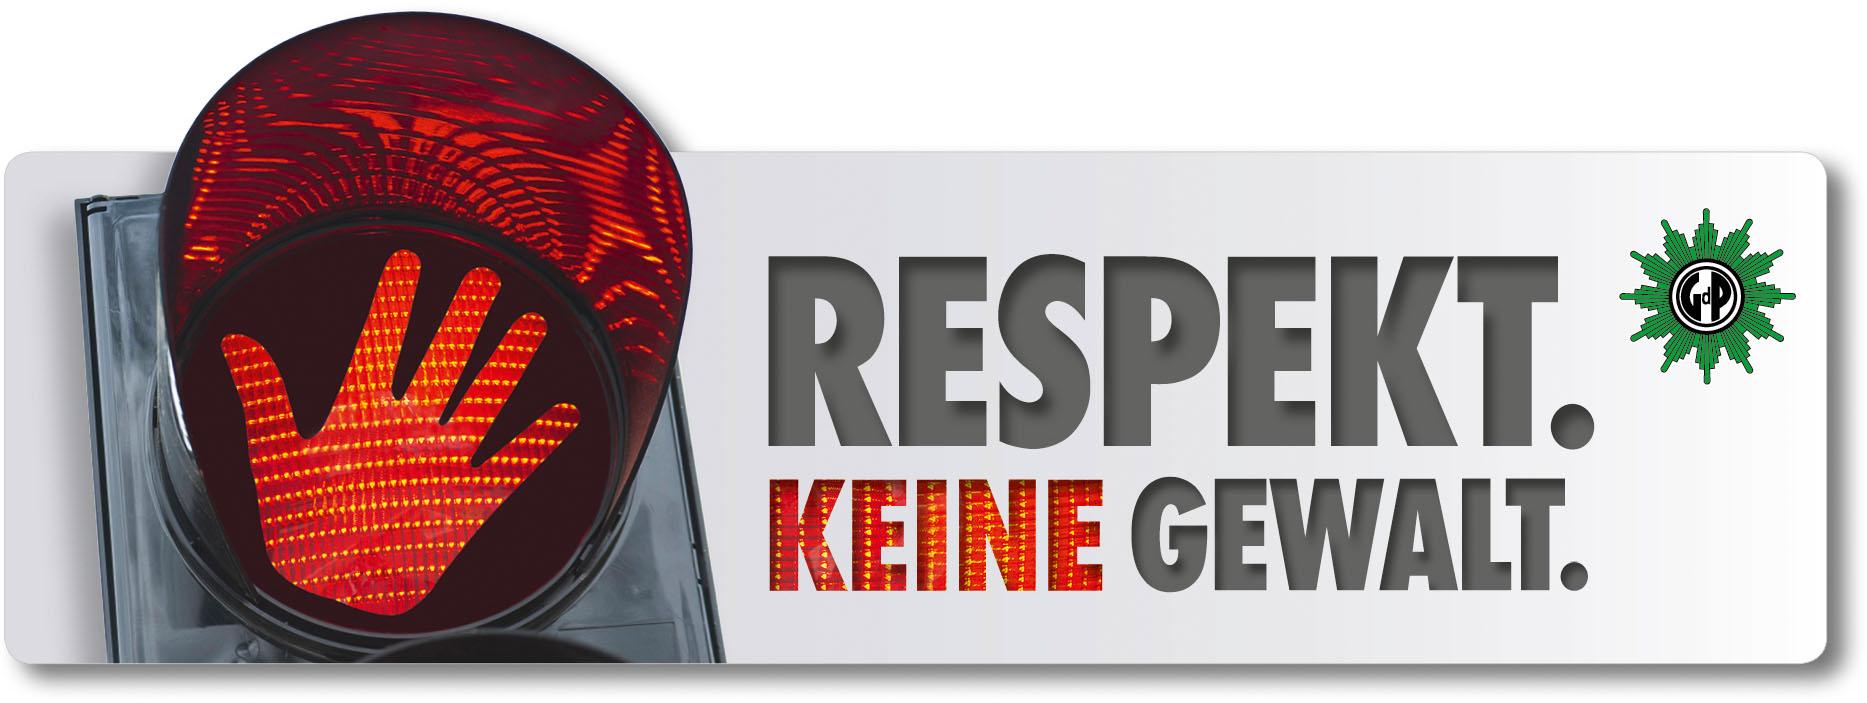 Respekt. Keine Gewalt.